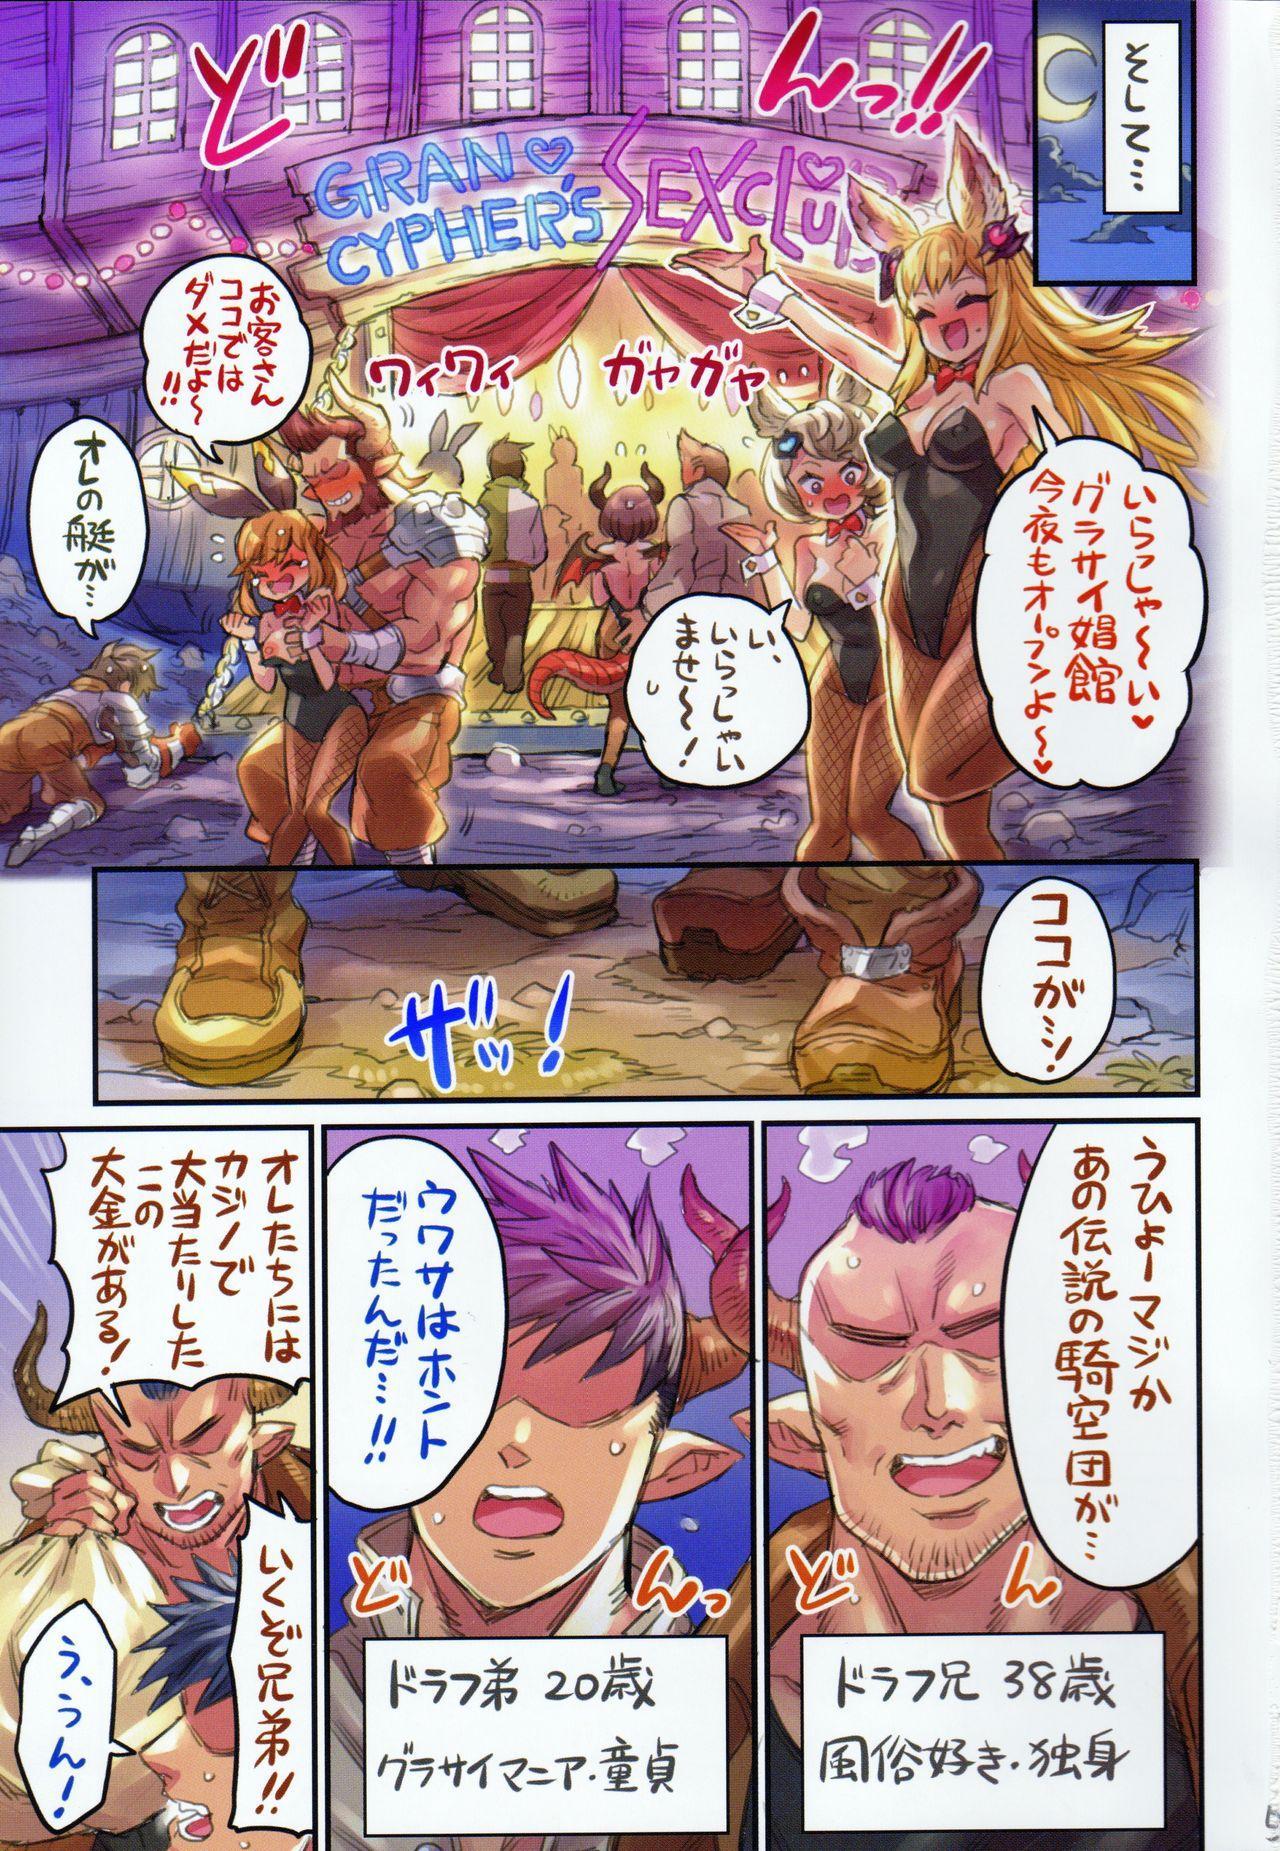 Grancypher Shoukan Zenpen Nakama to Issen Koechau Hon 3